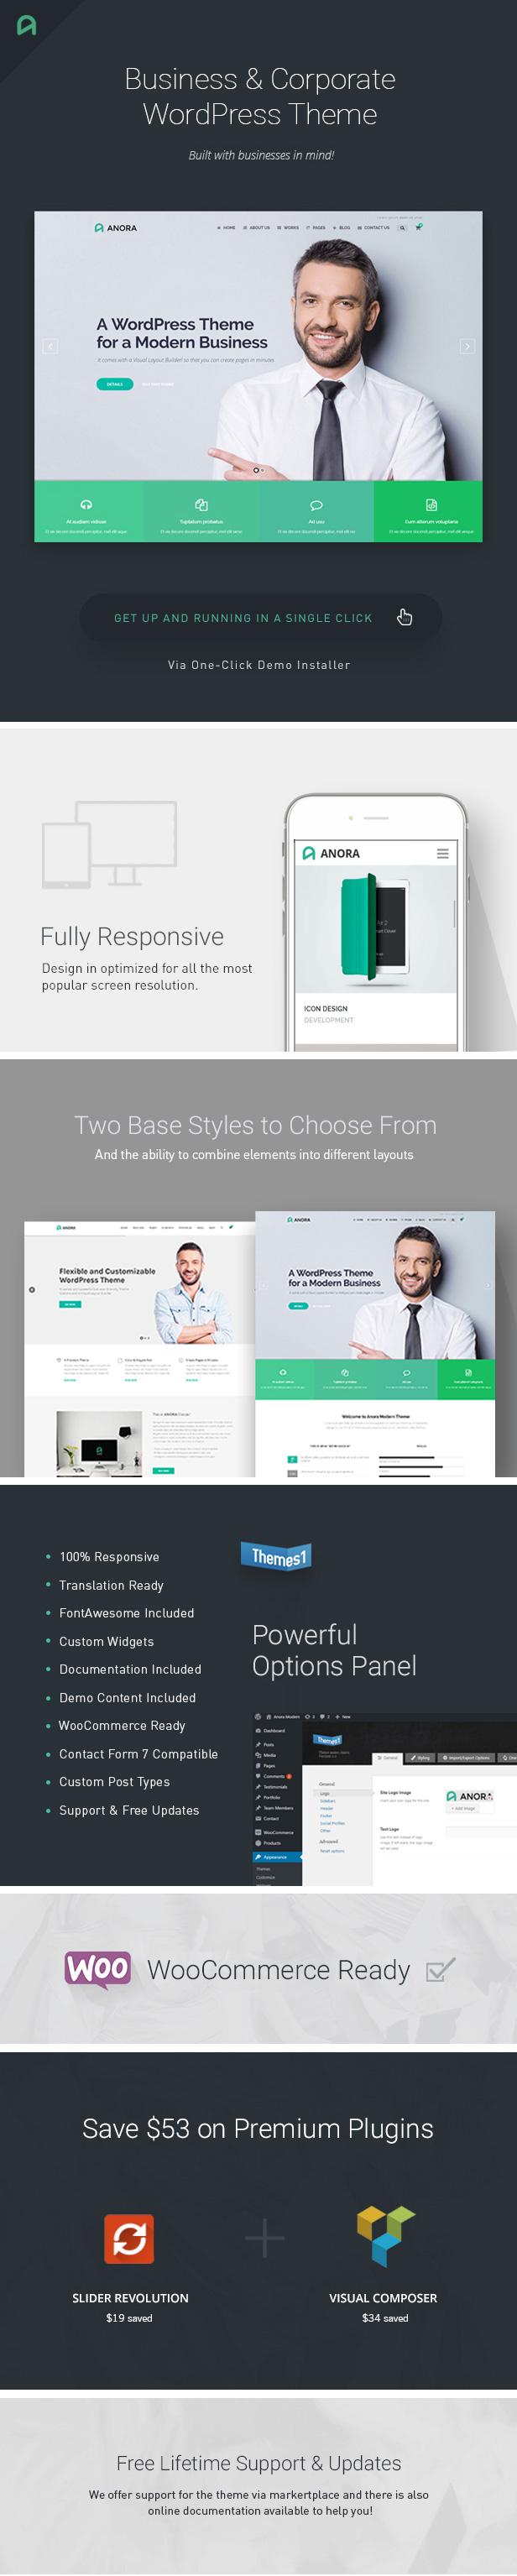 Anora - Business & Corporate WordPress Theme - 1